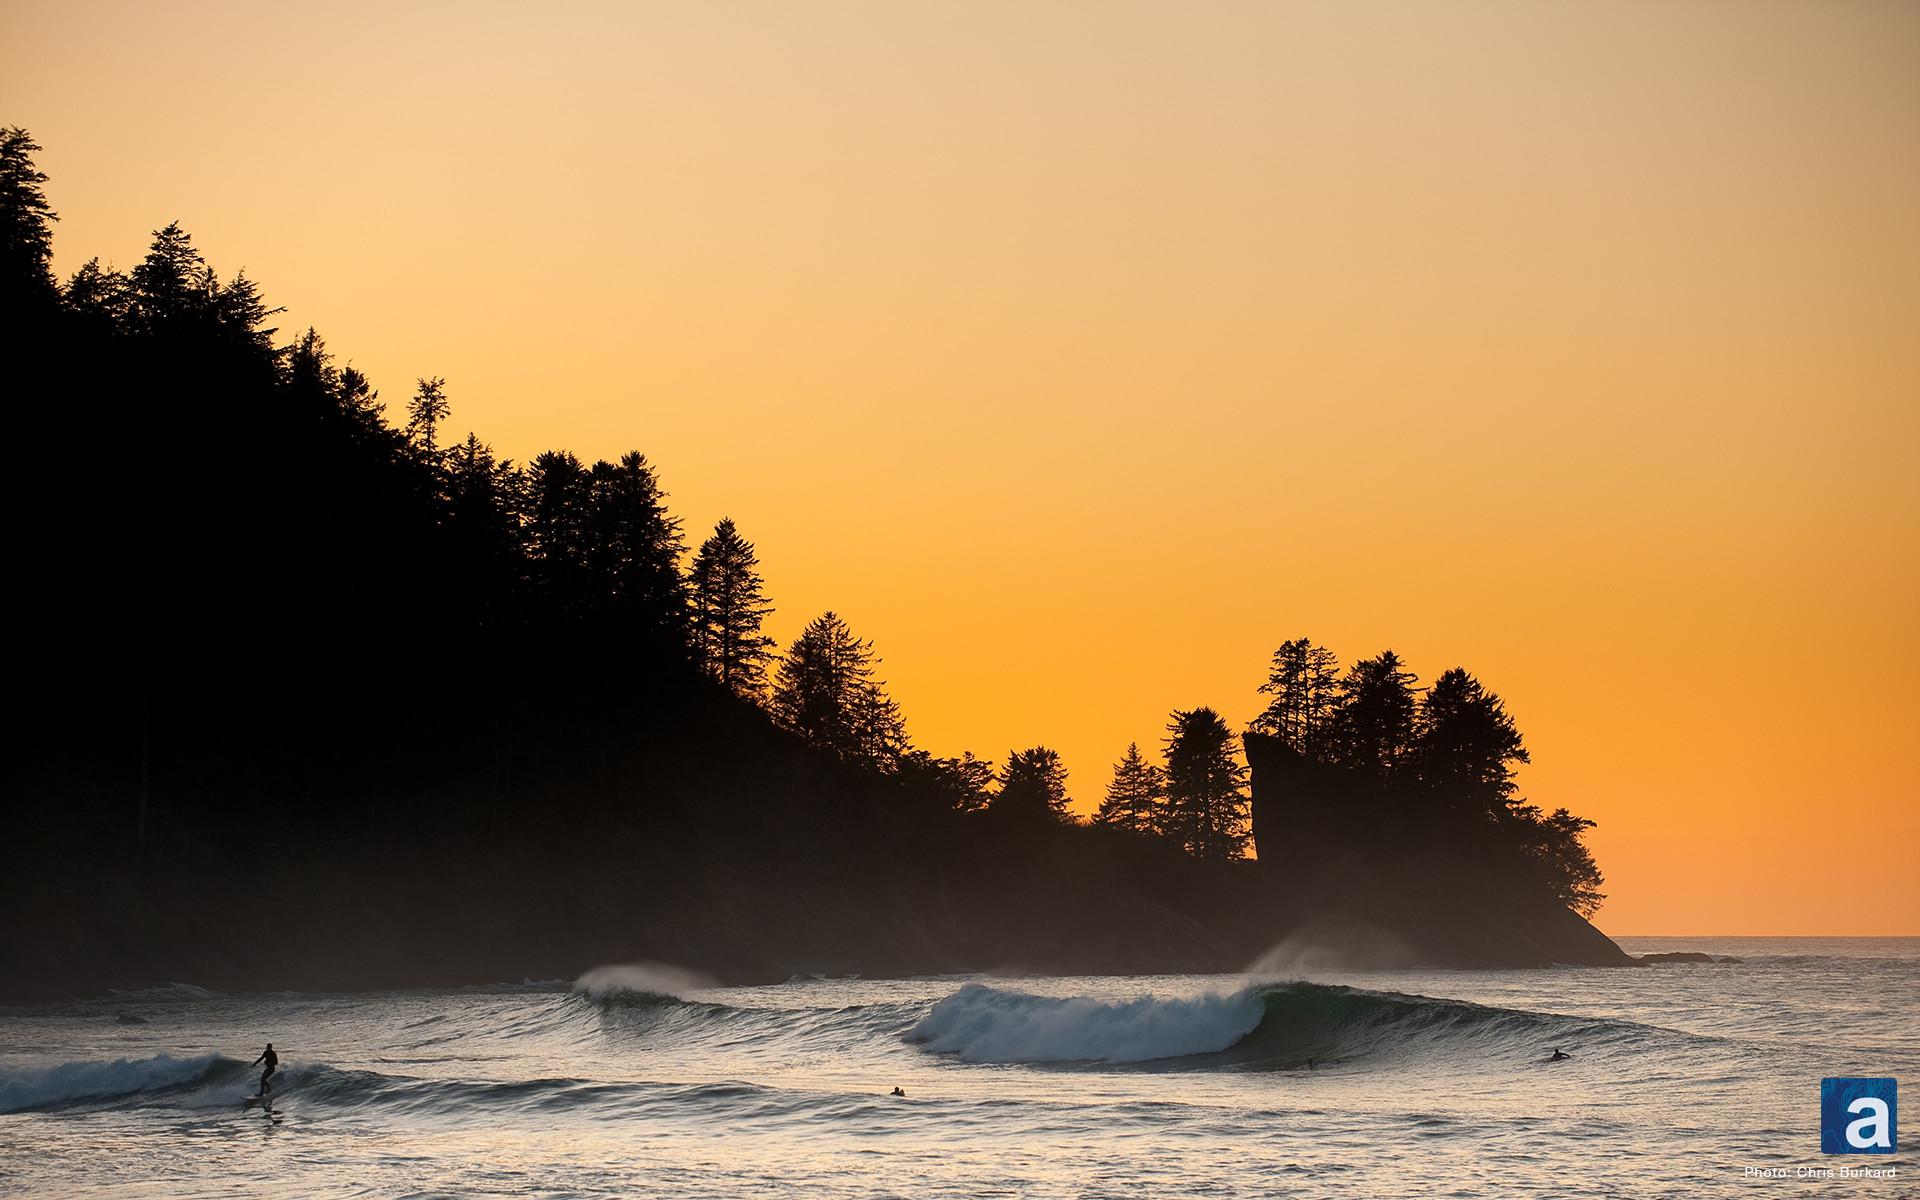 adventure journal – Wallpaper Wednesday: Pacific Northwest Surfing